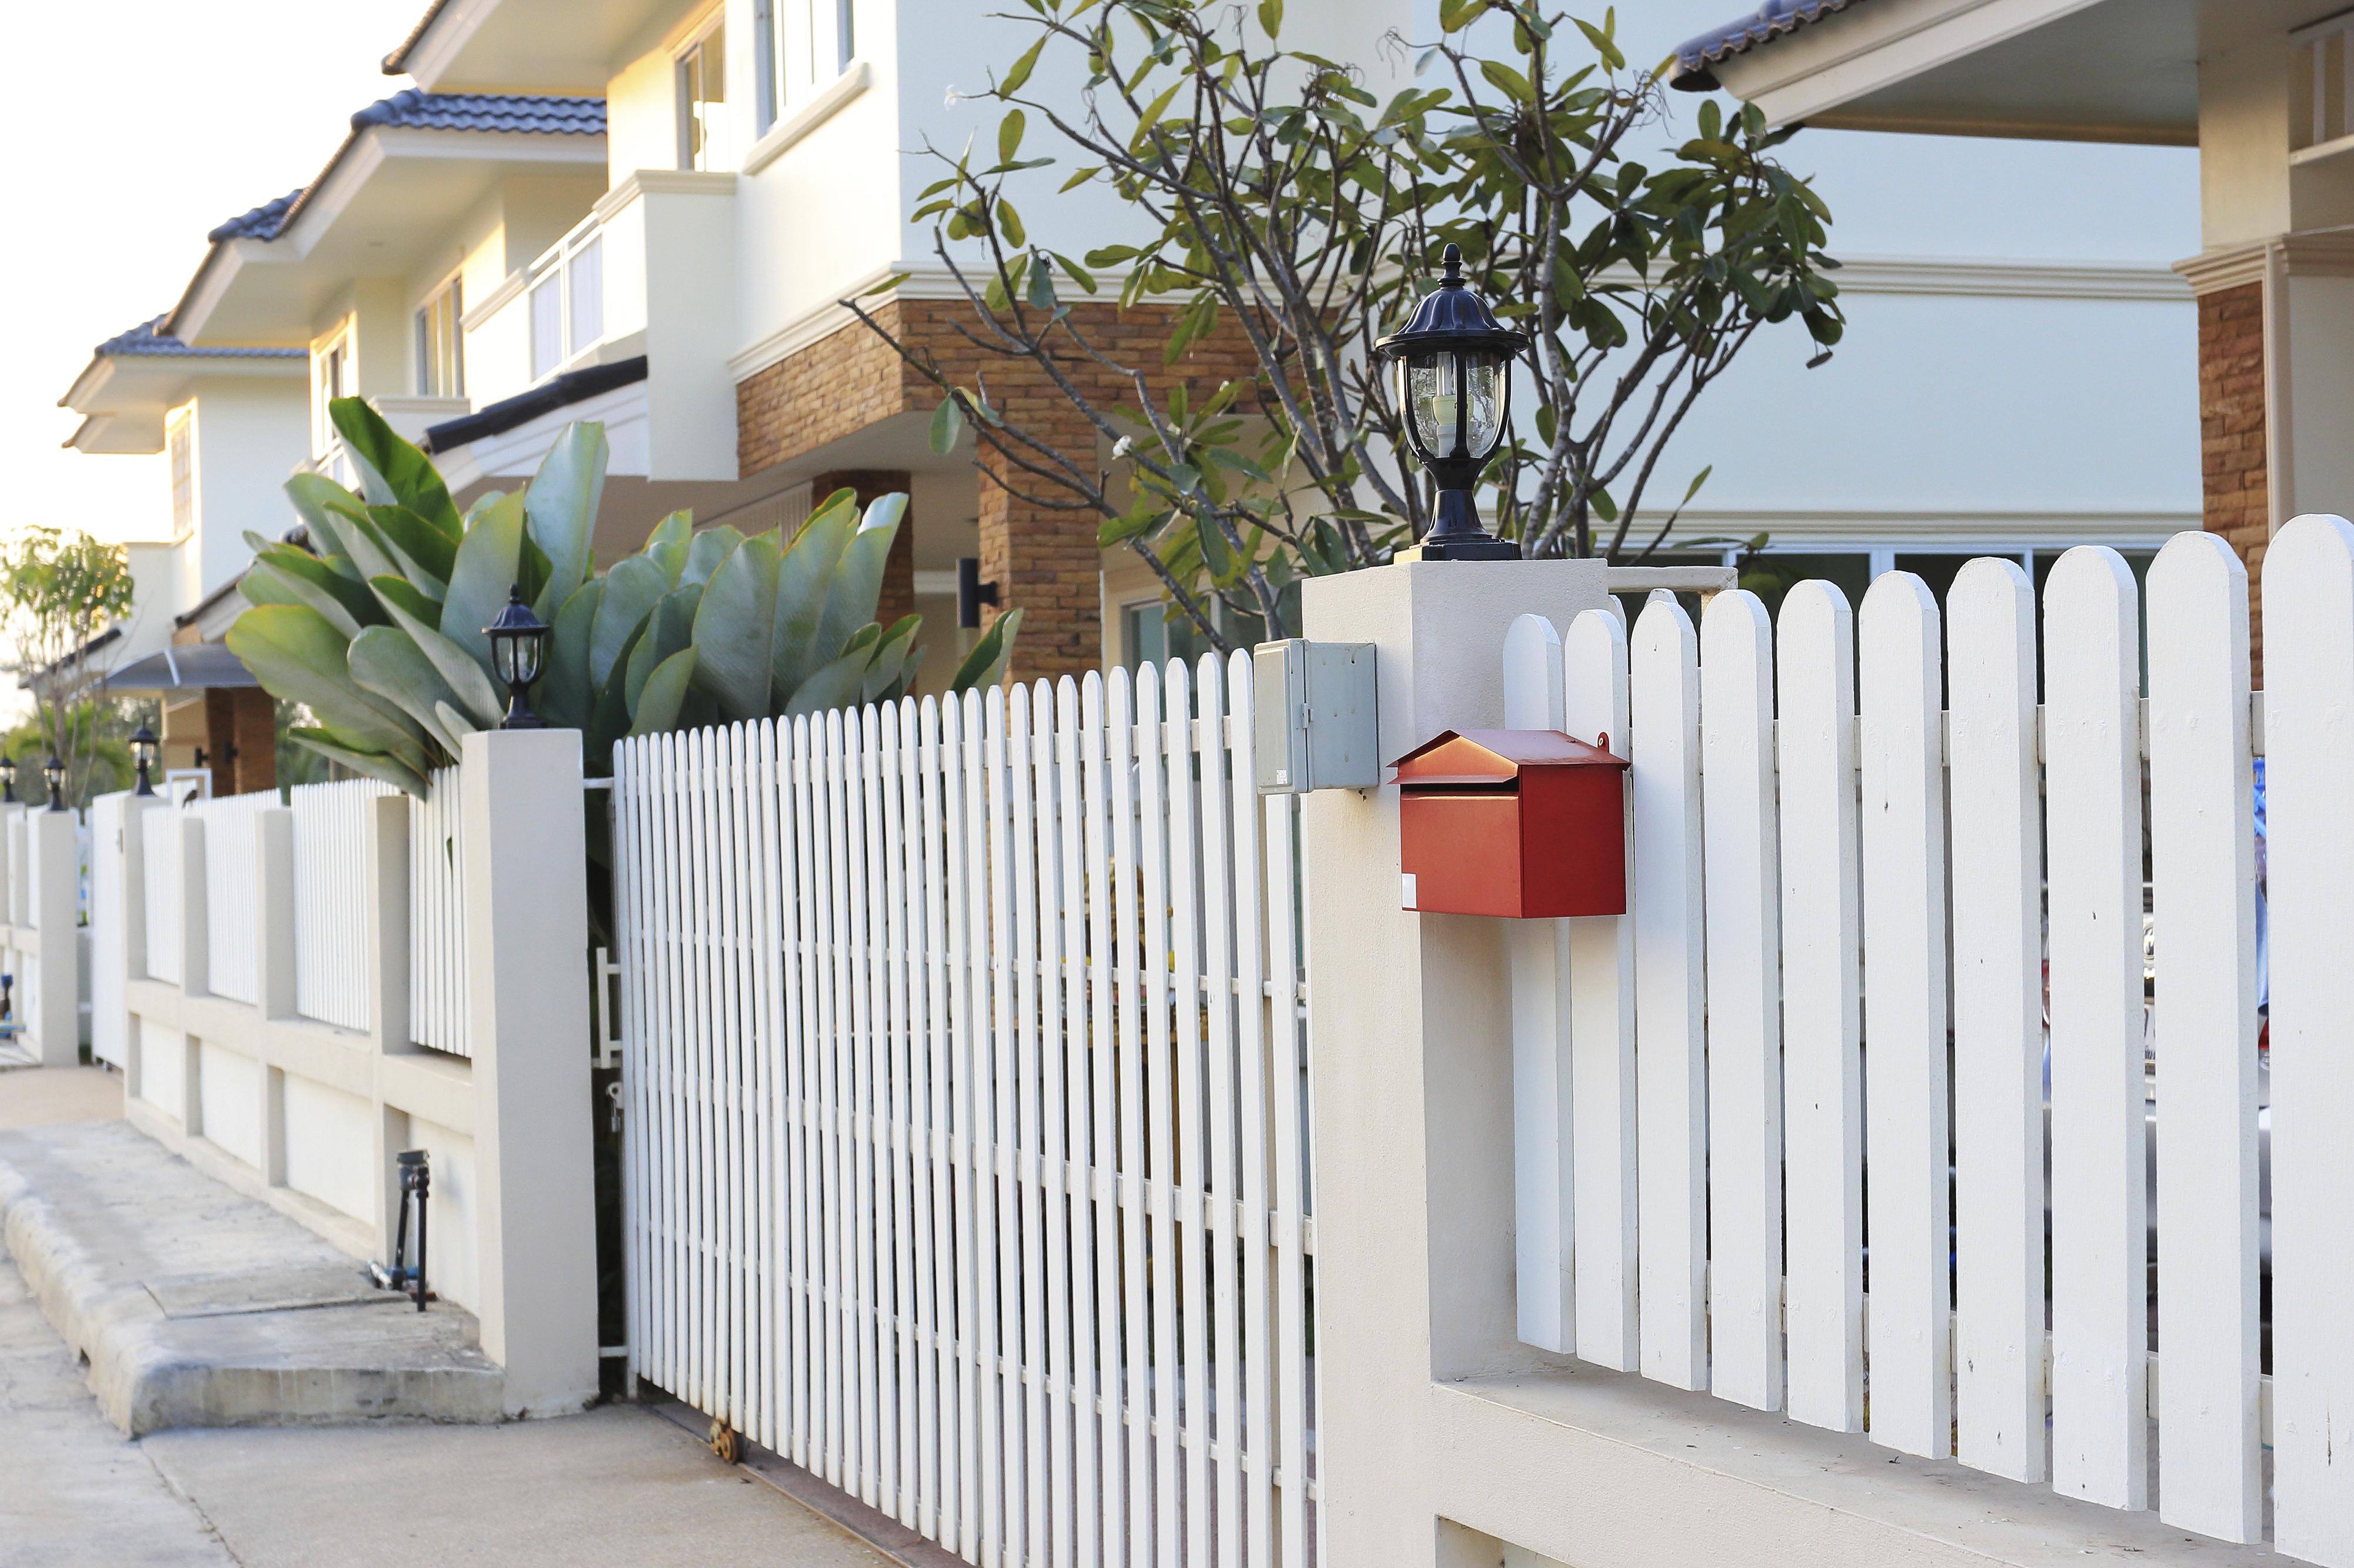 Классический белый забор из досок